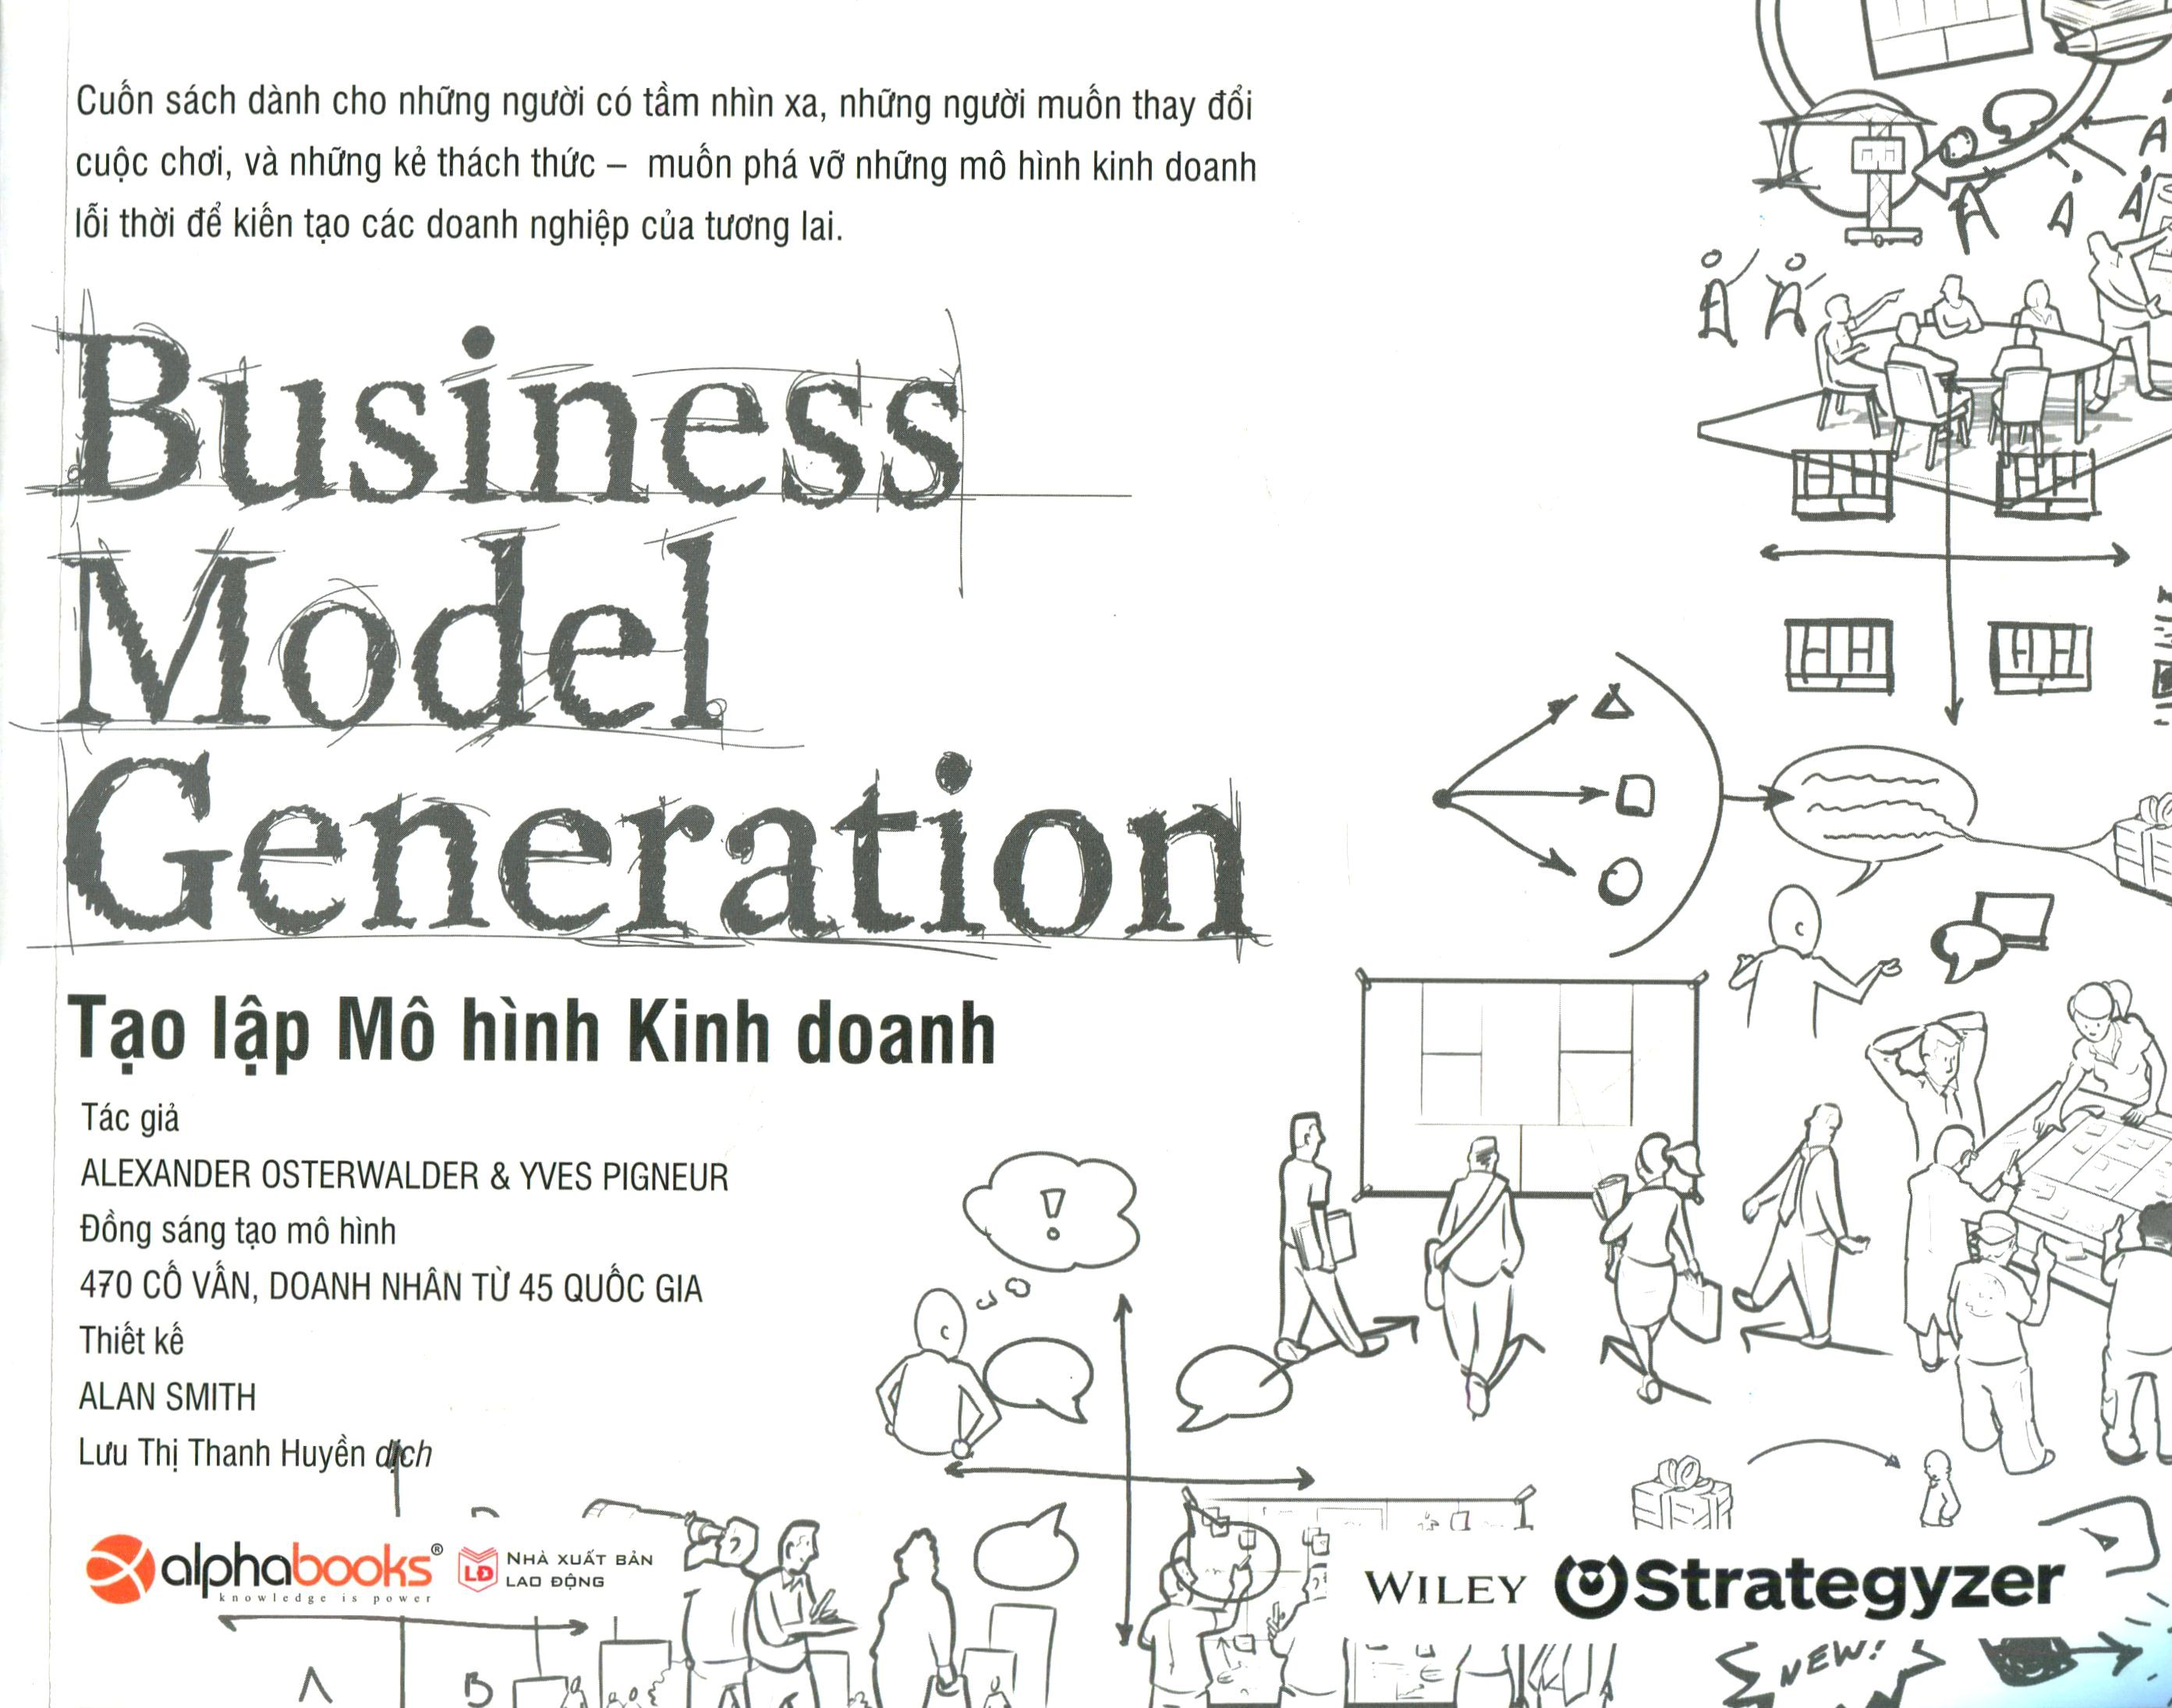 Kết quả hình ảnh cho Business Model Generation tạo lập mô hình kinh doanh